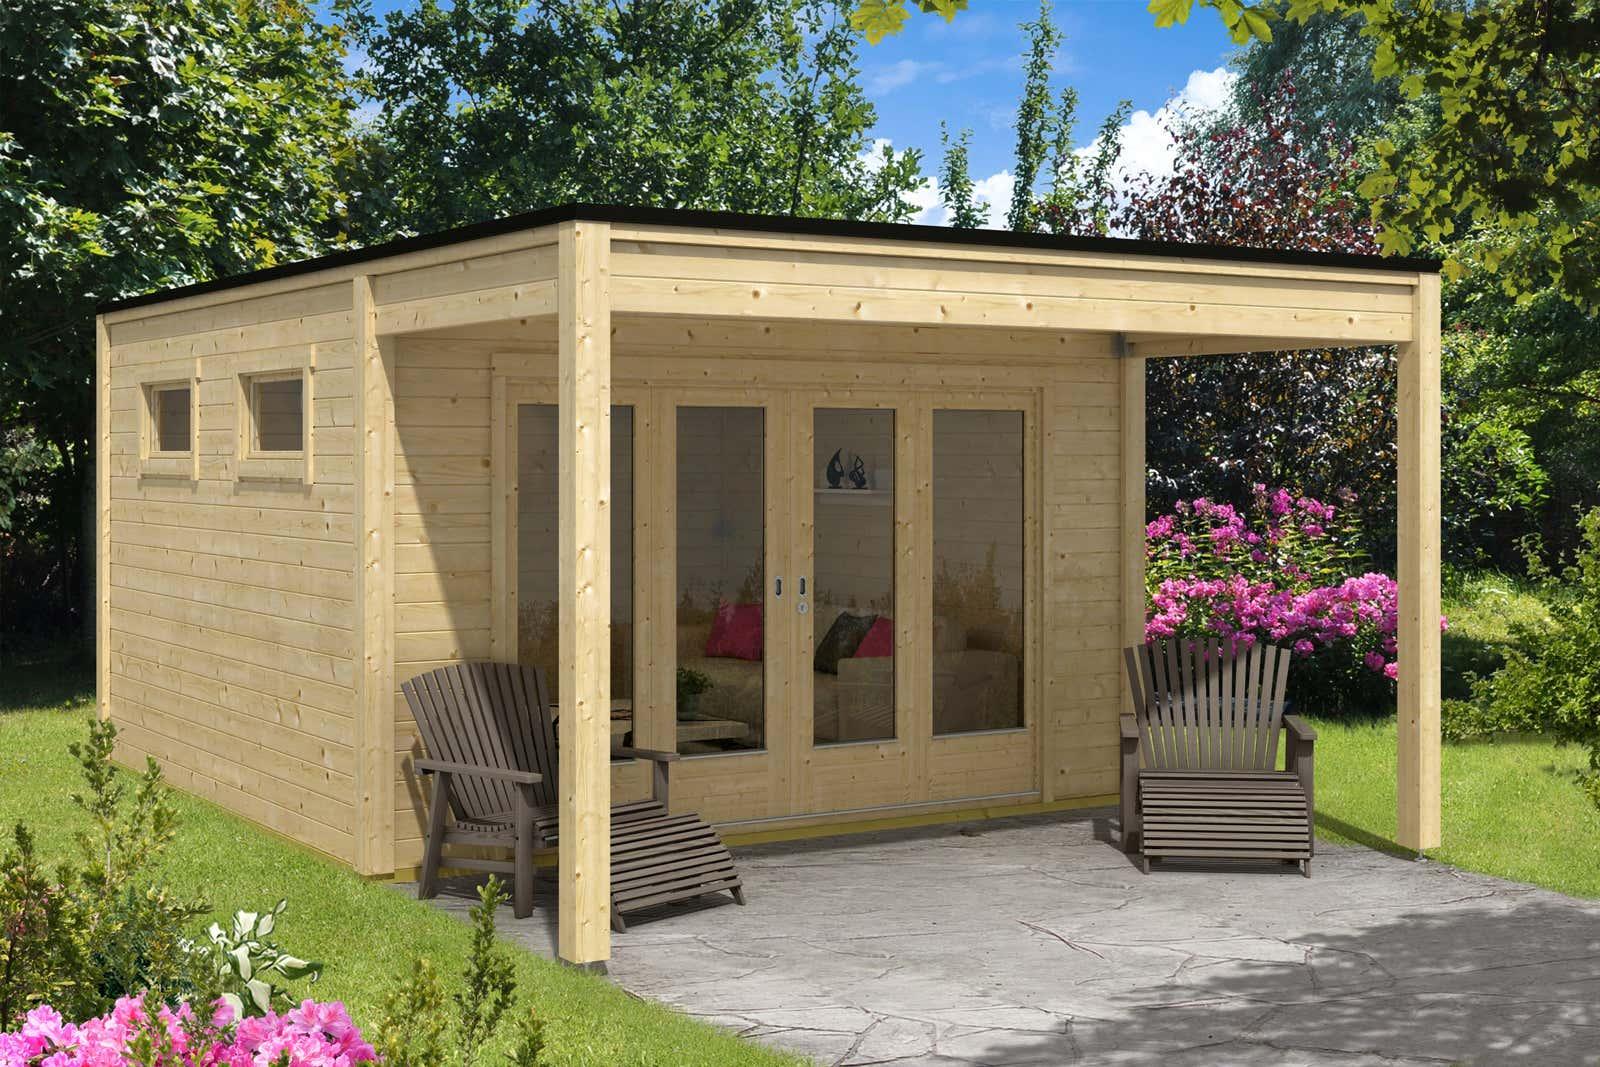 Design gartenhaus cubus saturn40 a z gartenhaus gmbh - Modernes gartenhaus flachdach ...